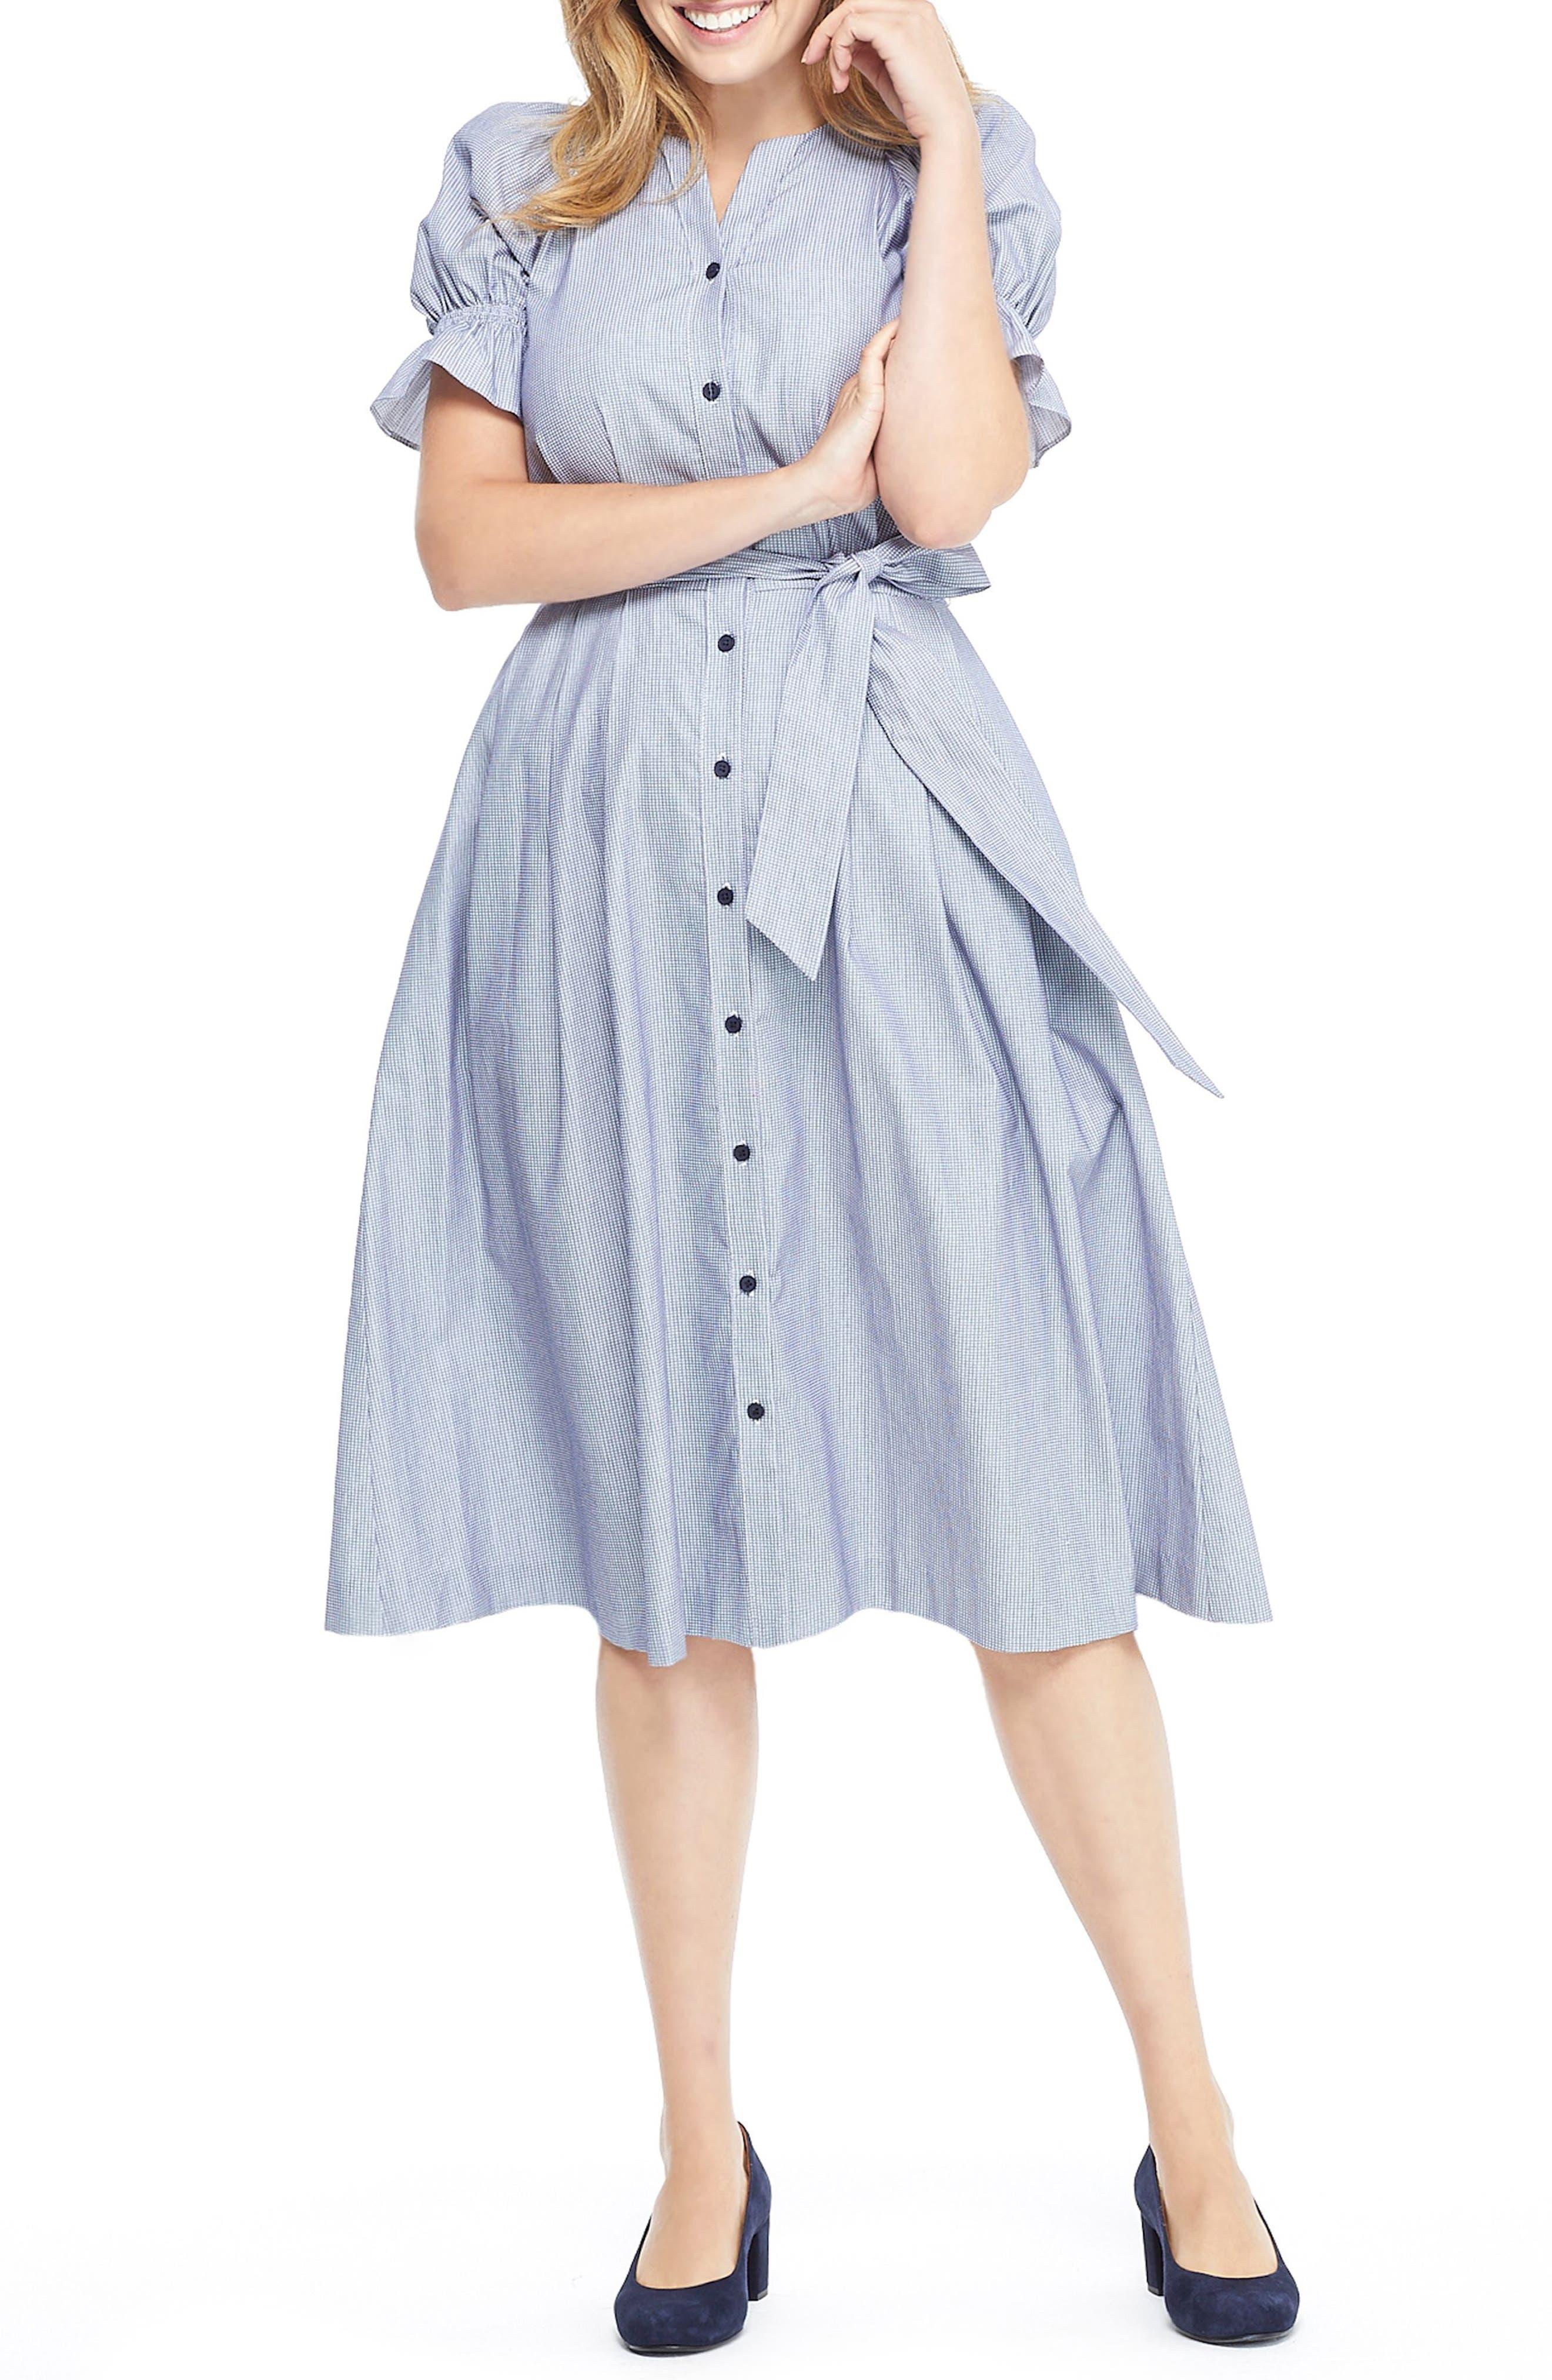 Daisy Cotton Dobby Shirtdress, Main, color, 425